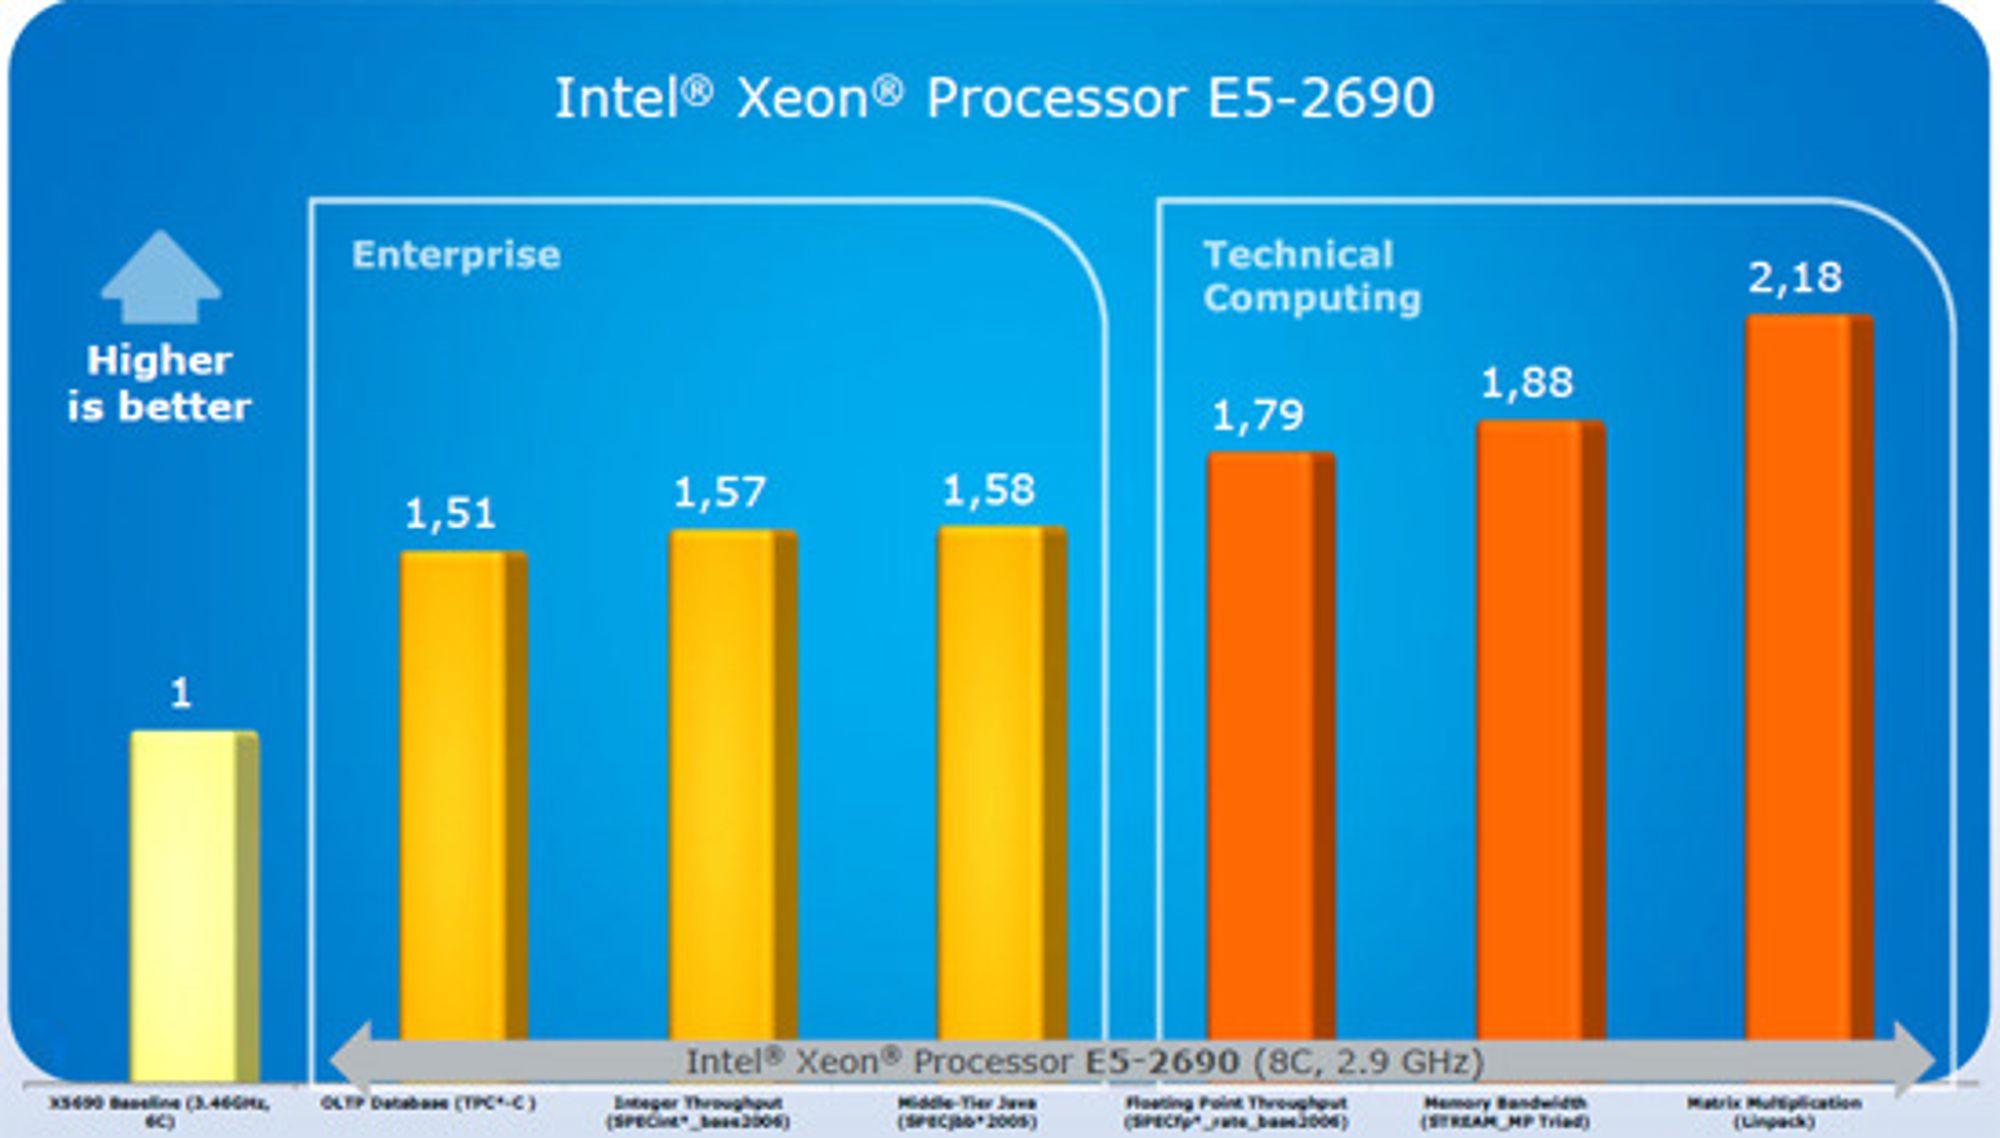 Ytelsesskår for E5-2690 mot forgjengeren X5690 i ulike bedrifts- og tekniske applikasjoner. E5-2690 har åtte kjerner og kjører i 2,9 GHz, mens X590 har 6 kjerner og kjører i 3,46 GHz. Begge bruker 130 watt.